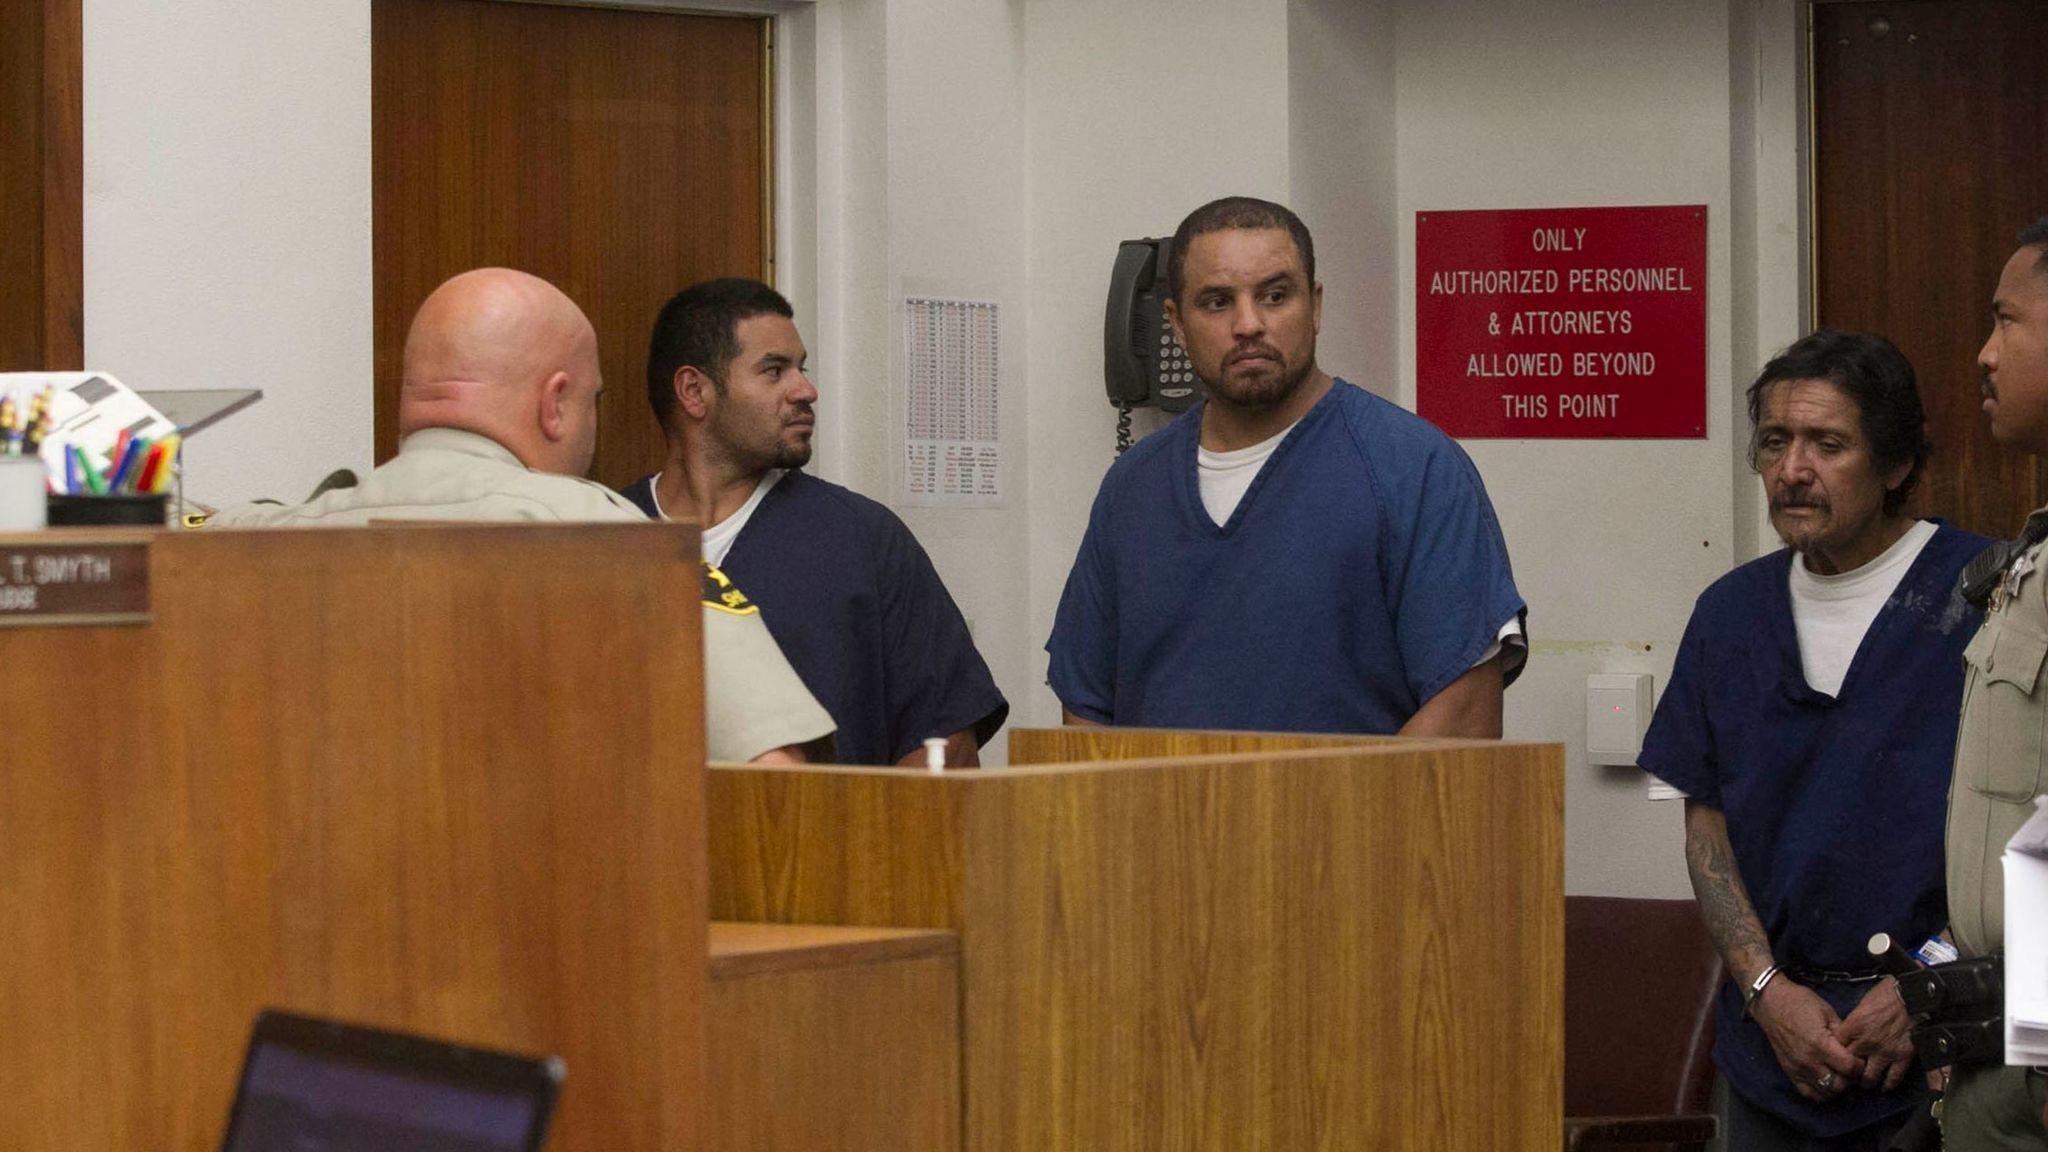 11 plead not guilty in Mexican Mafia prison gang case